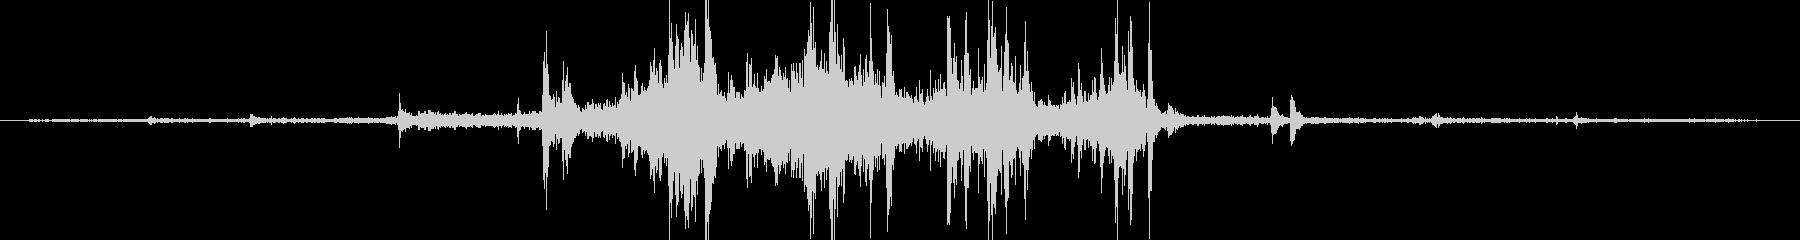 レトロな電車の通過音 ガタンゴトンの未再生の波形